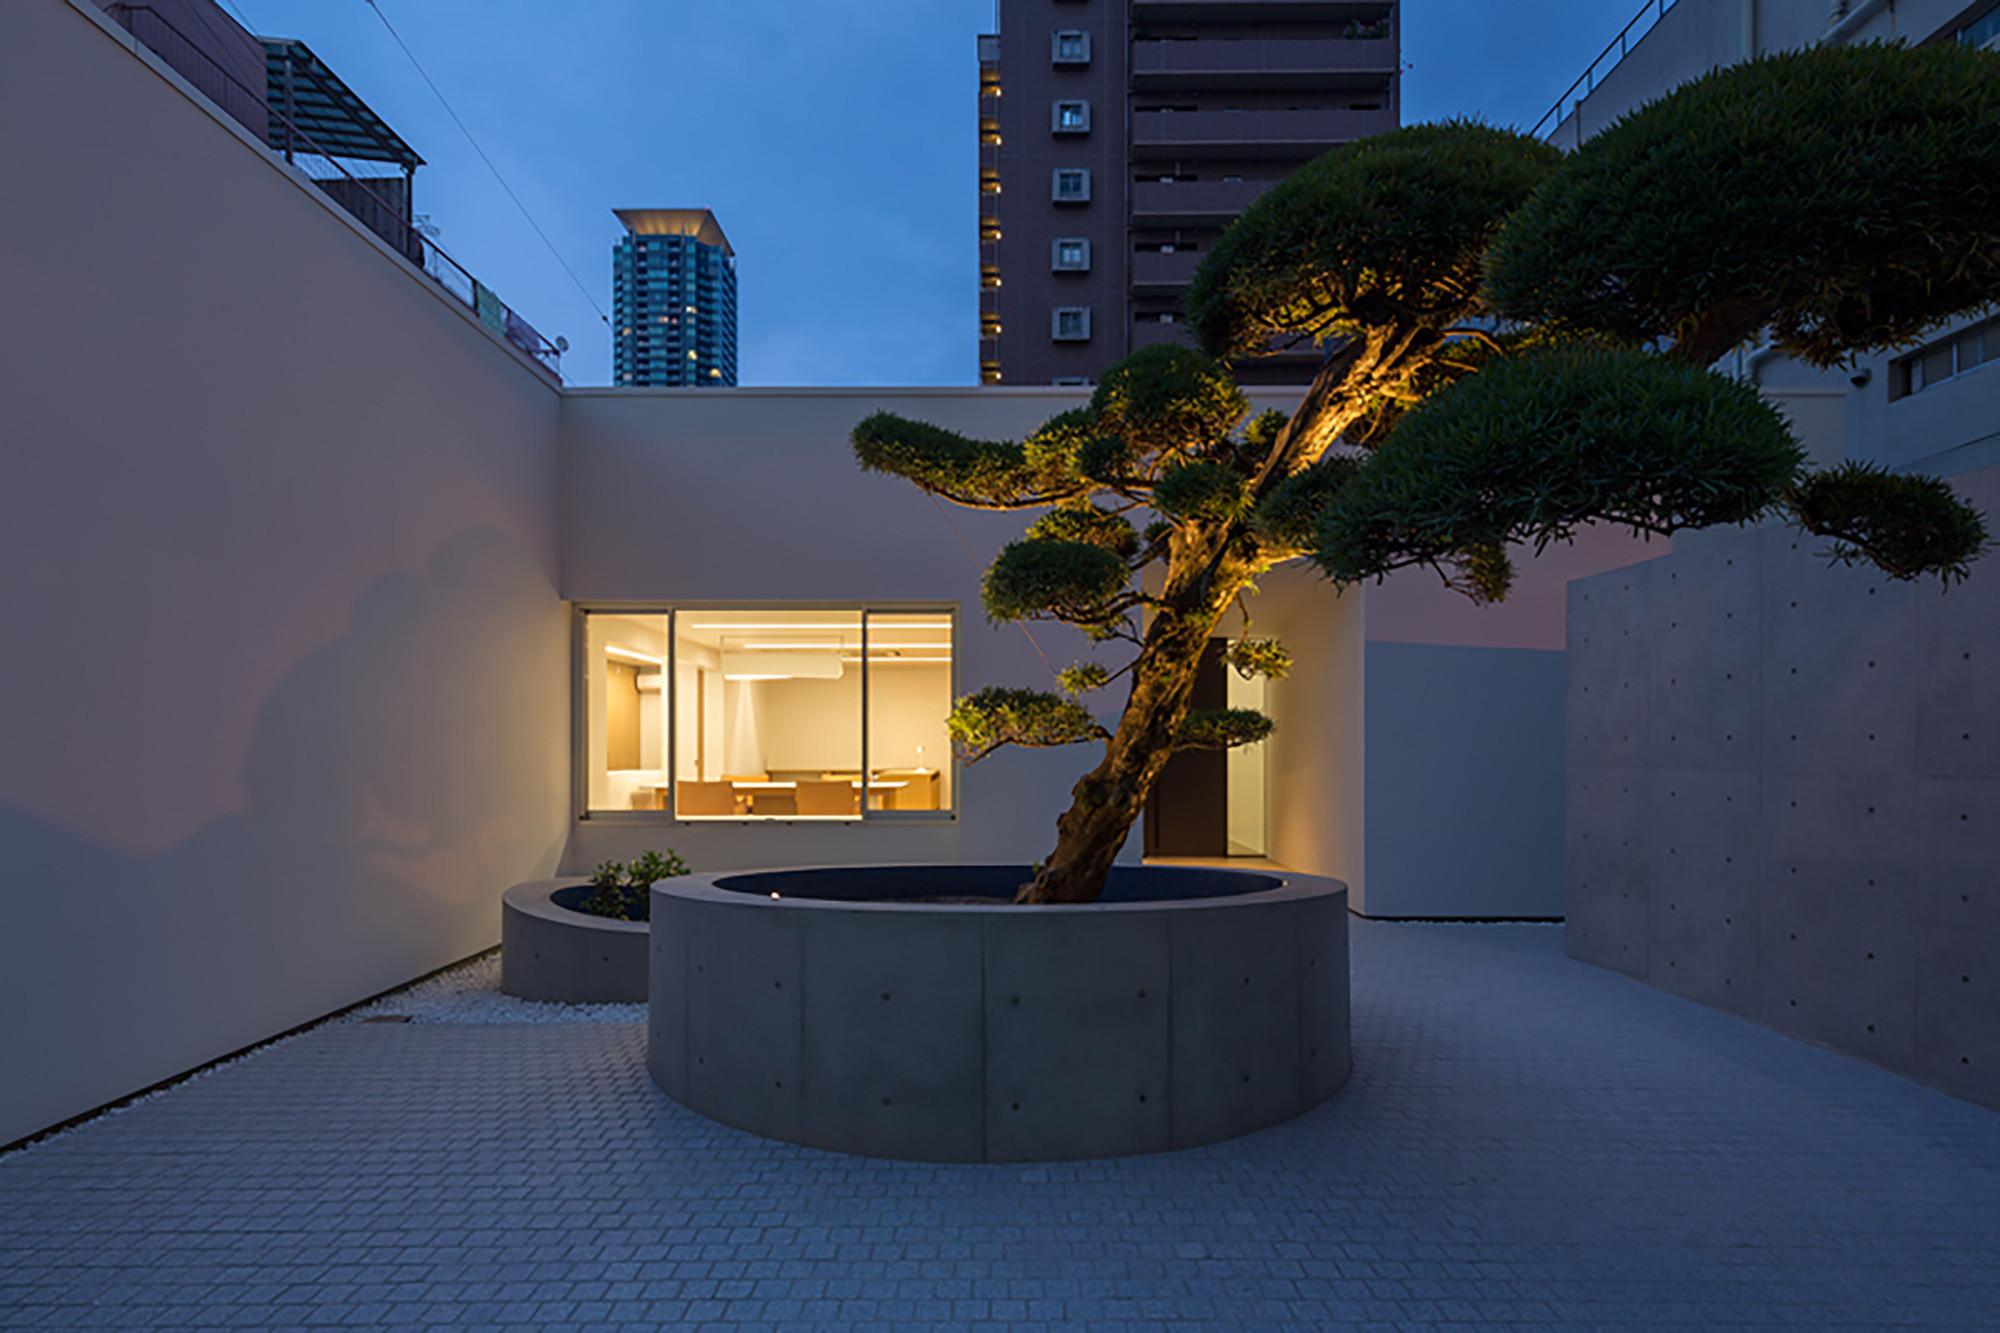 House with Podocarpus / Yasutoshi Mifune + Toru Atarashi, © Yasunori Shimomura